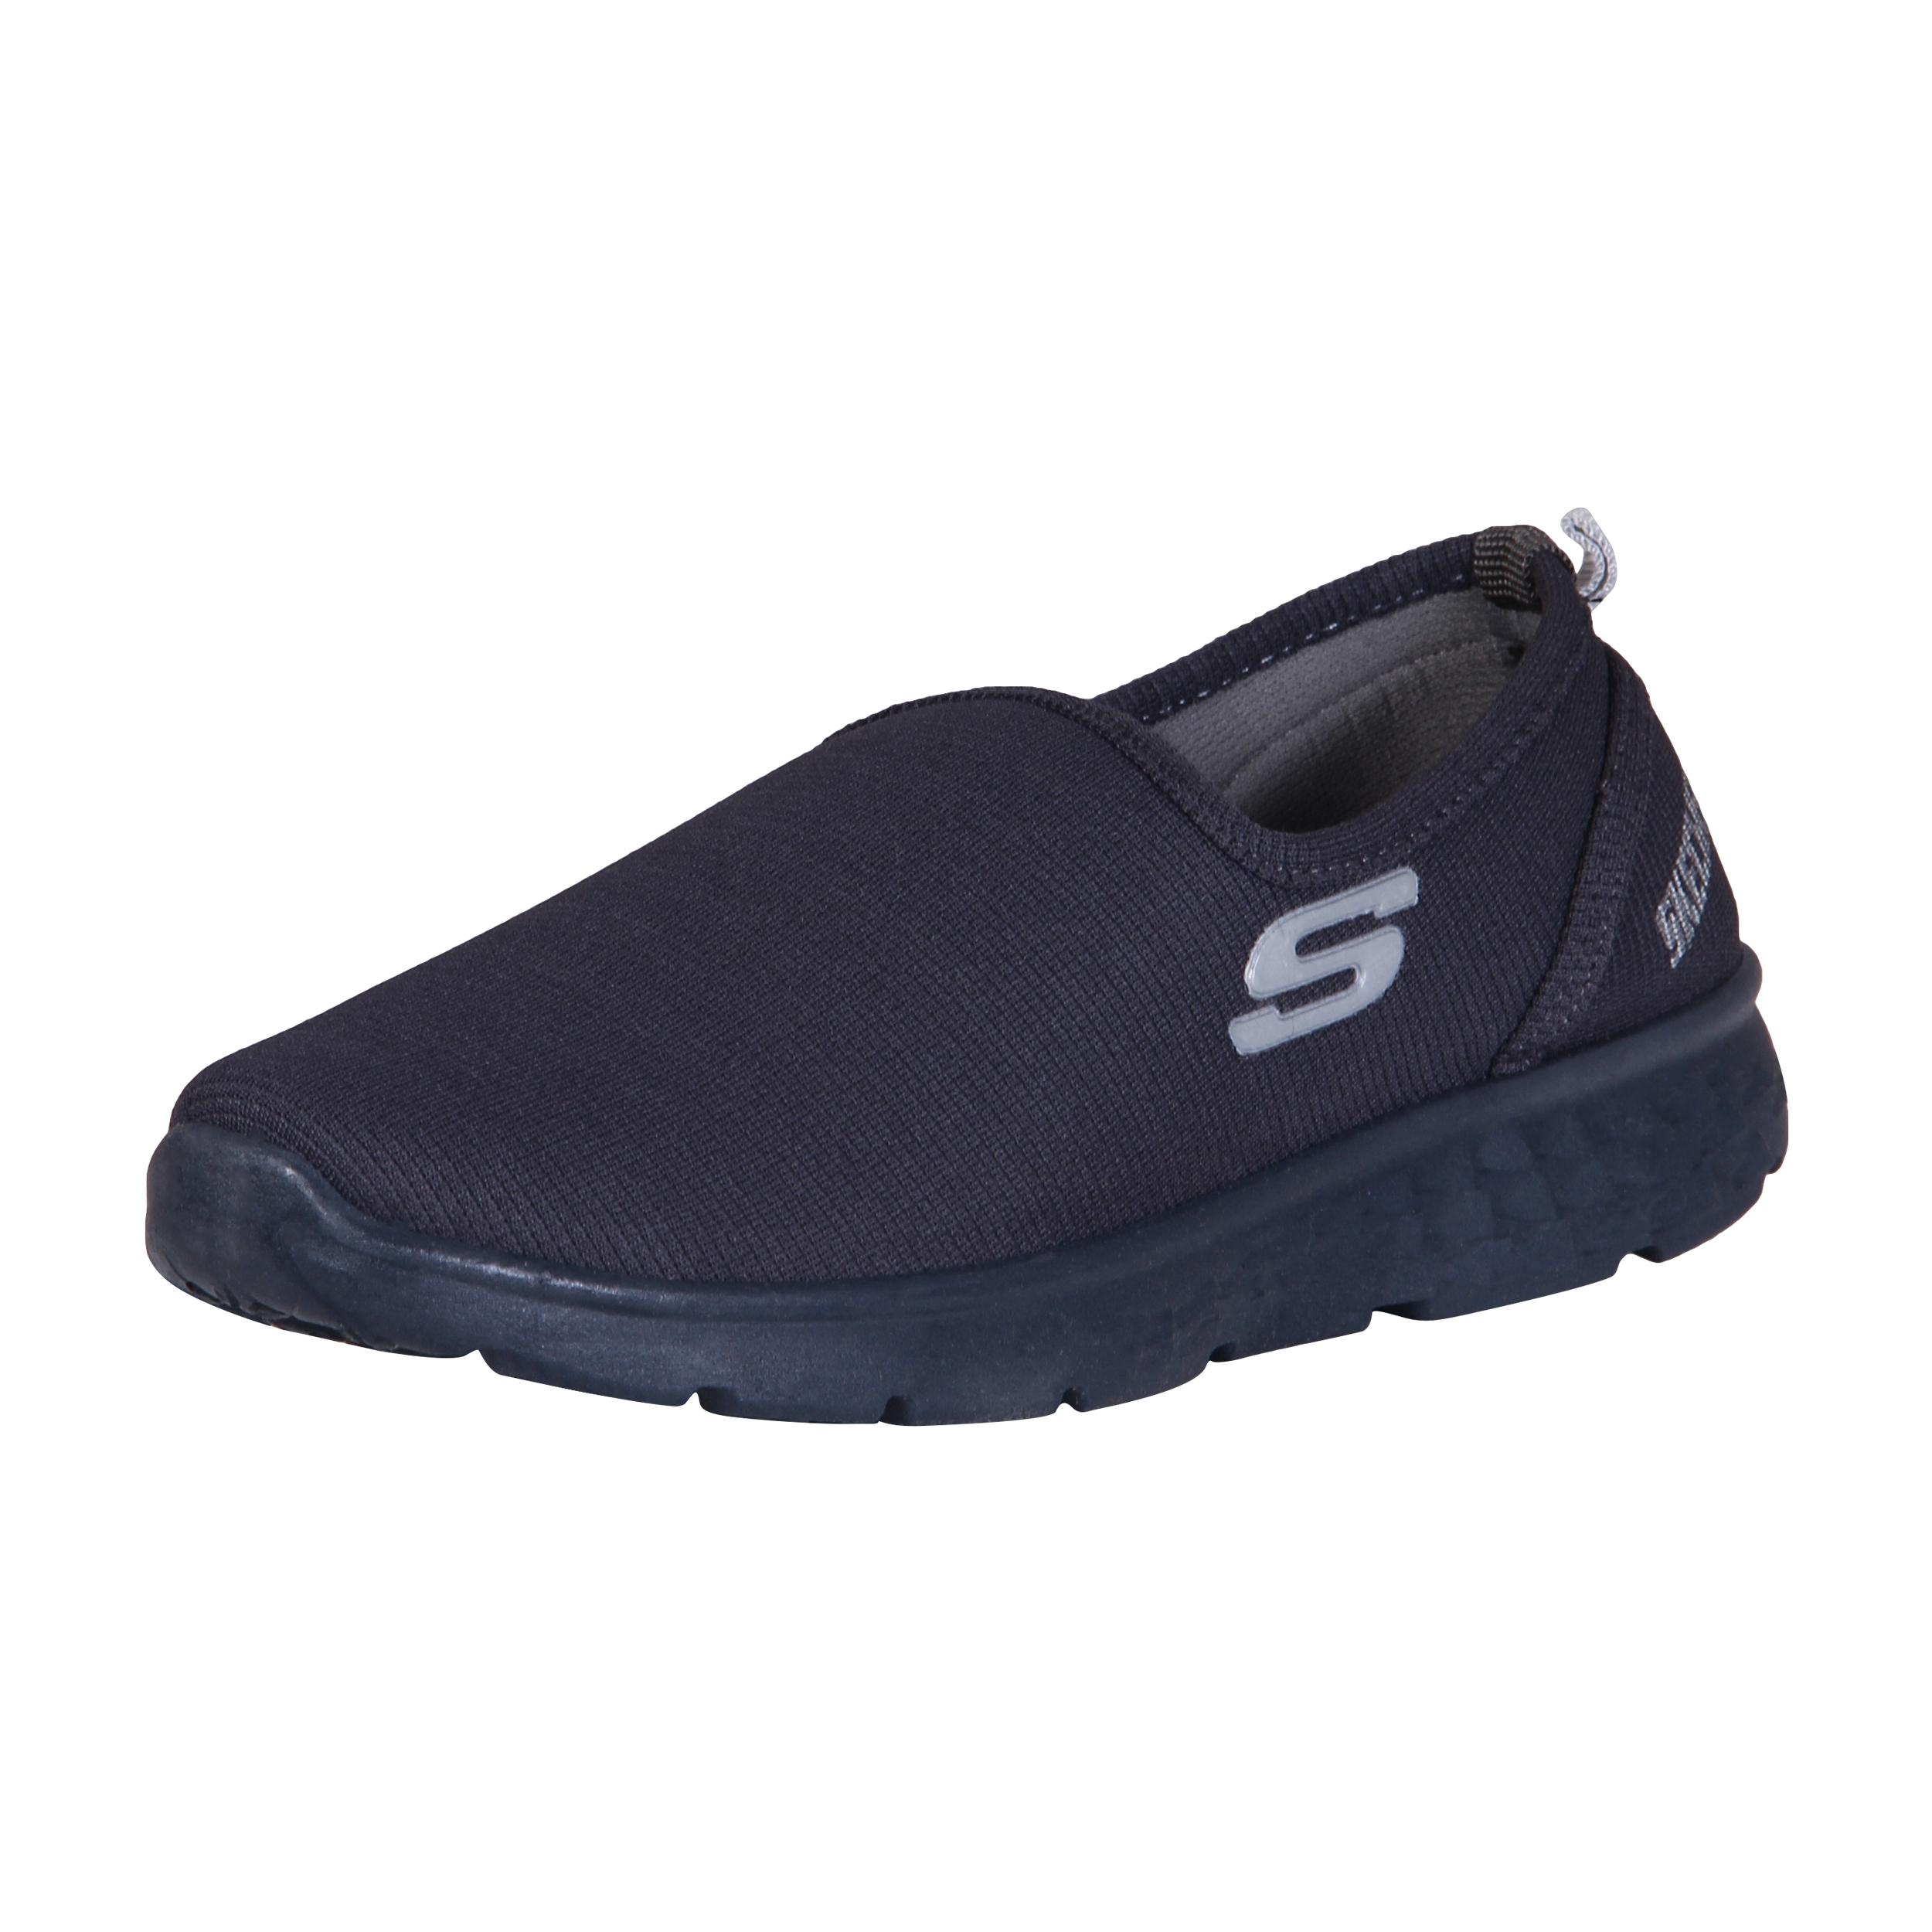 خرید                        کفش راحتی مردانه کد 21-40006              👟